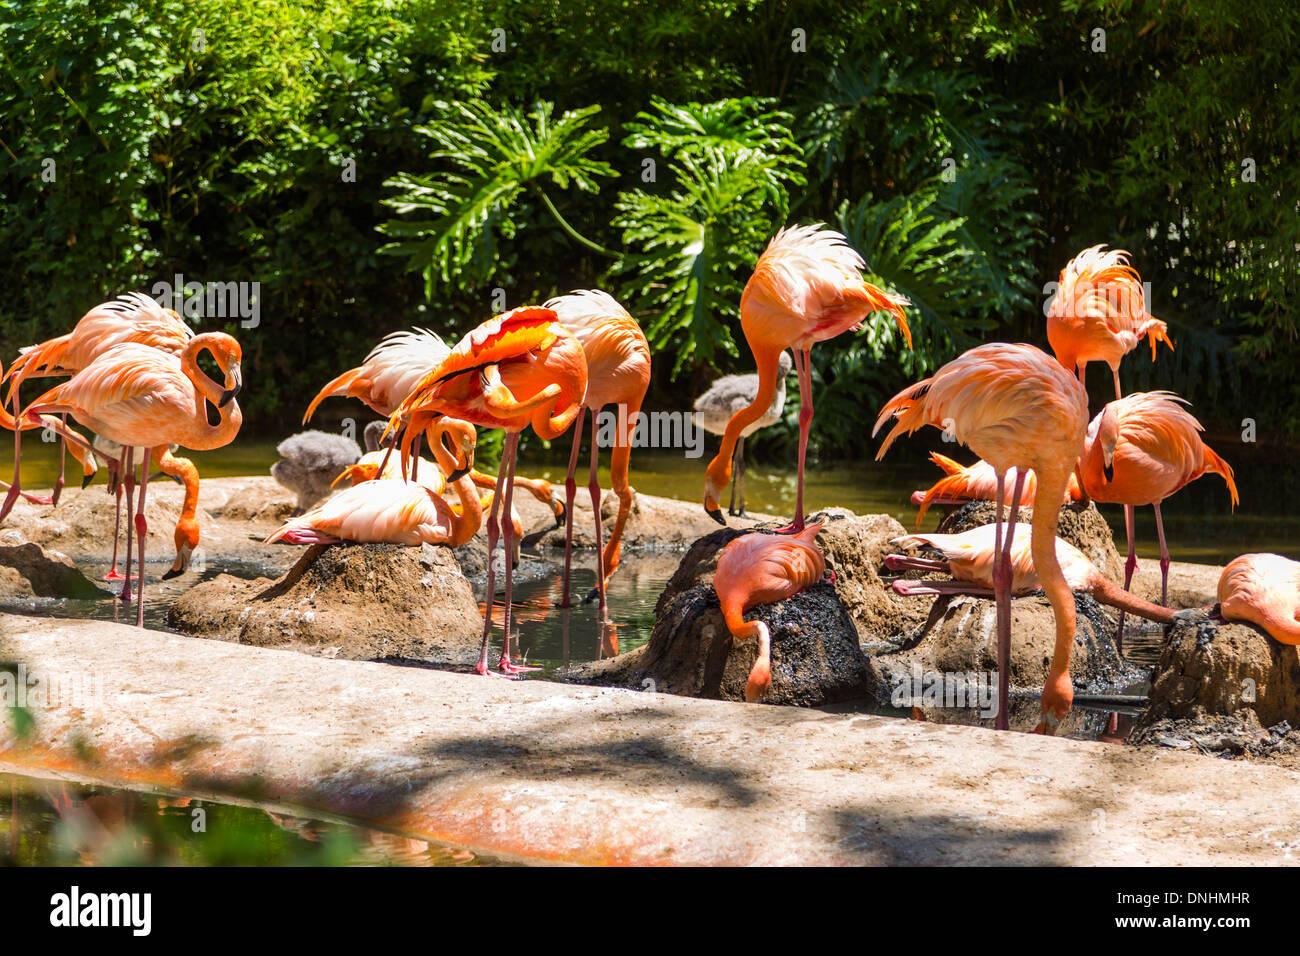 Volée de flamants roses dans un zoo, le Zoo de Barcelone, Barcelone, Catalogne, Espagne Banque D'Images